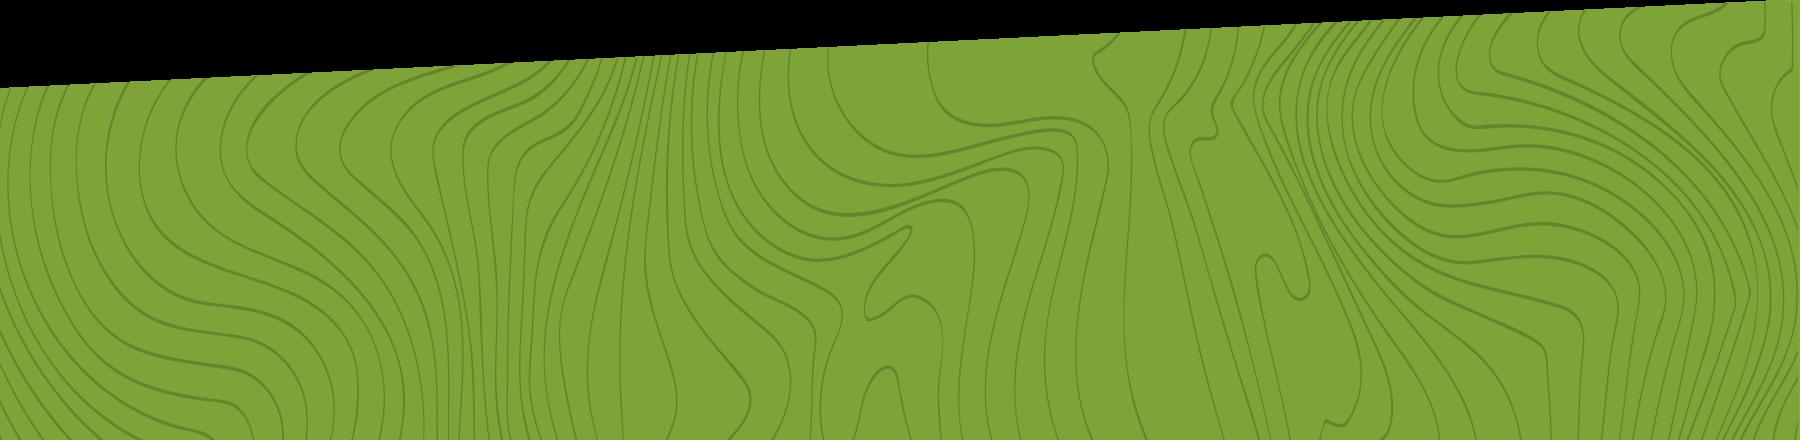 Fond vert avec des lignes